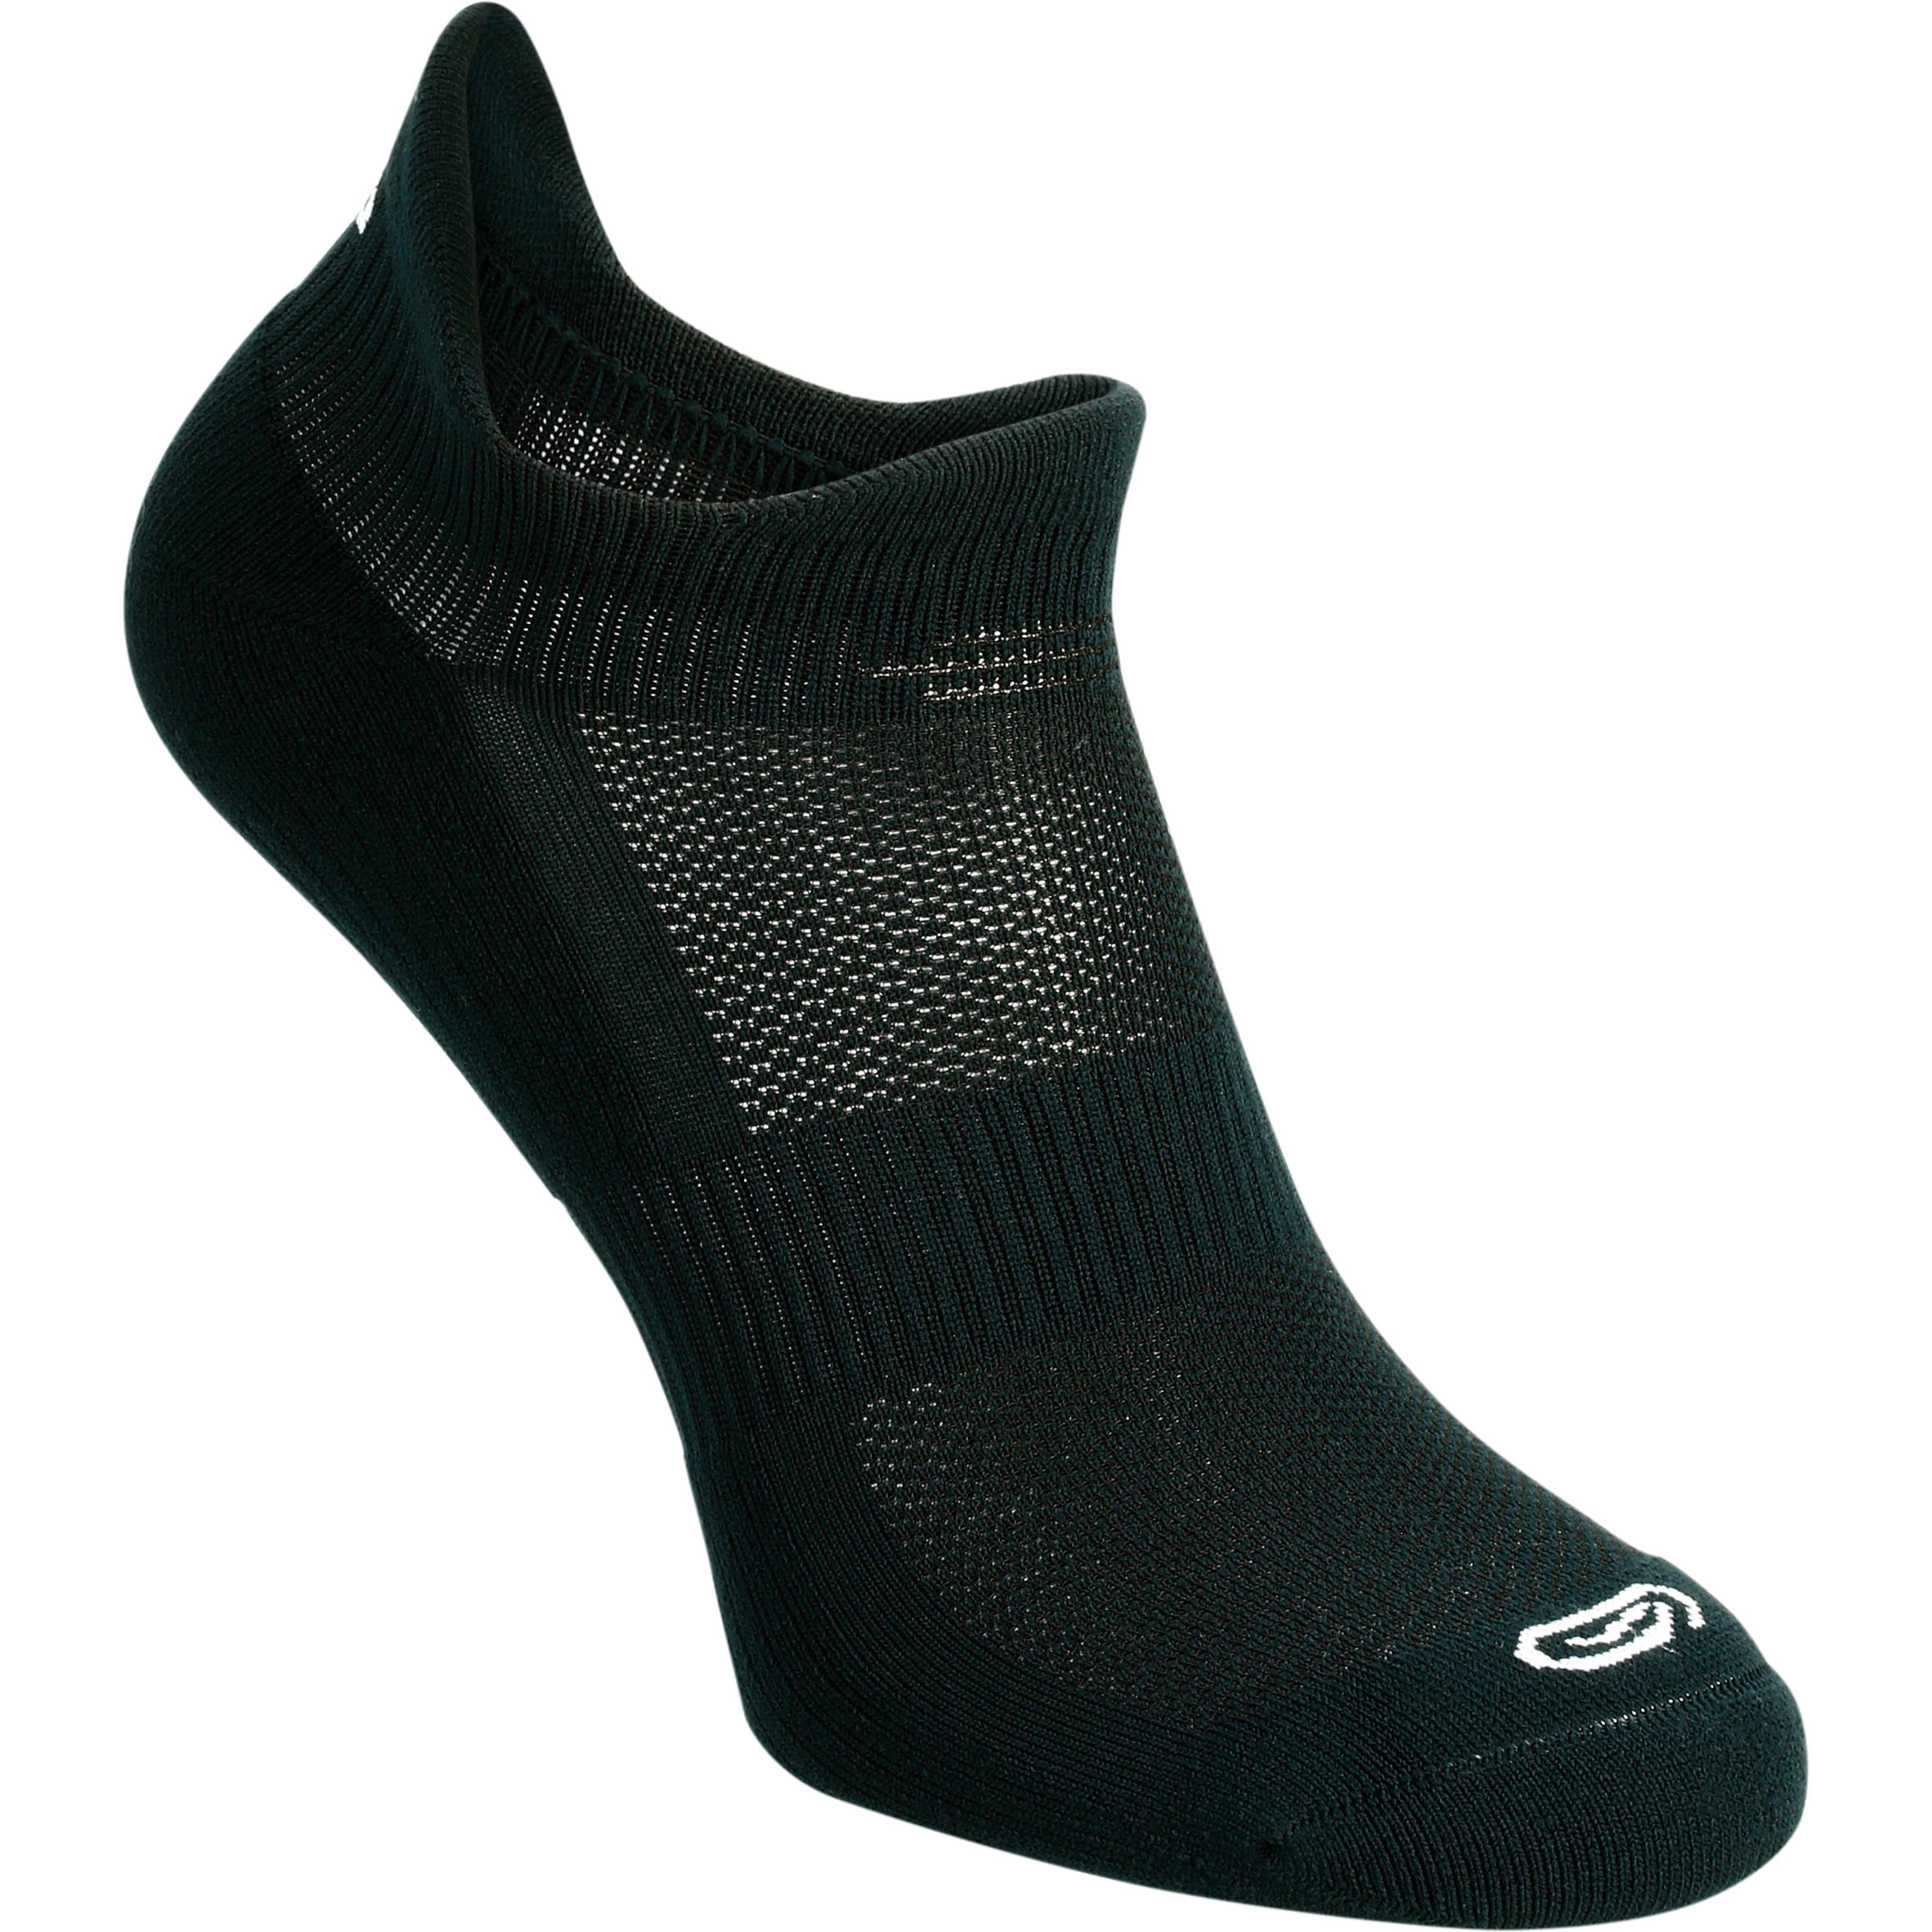 X2 Chaussettes Chaussettes Confort Noire Confort Invisible Confort Chaussettes Noire Invisible X2 Ok08wPn